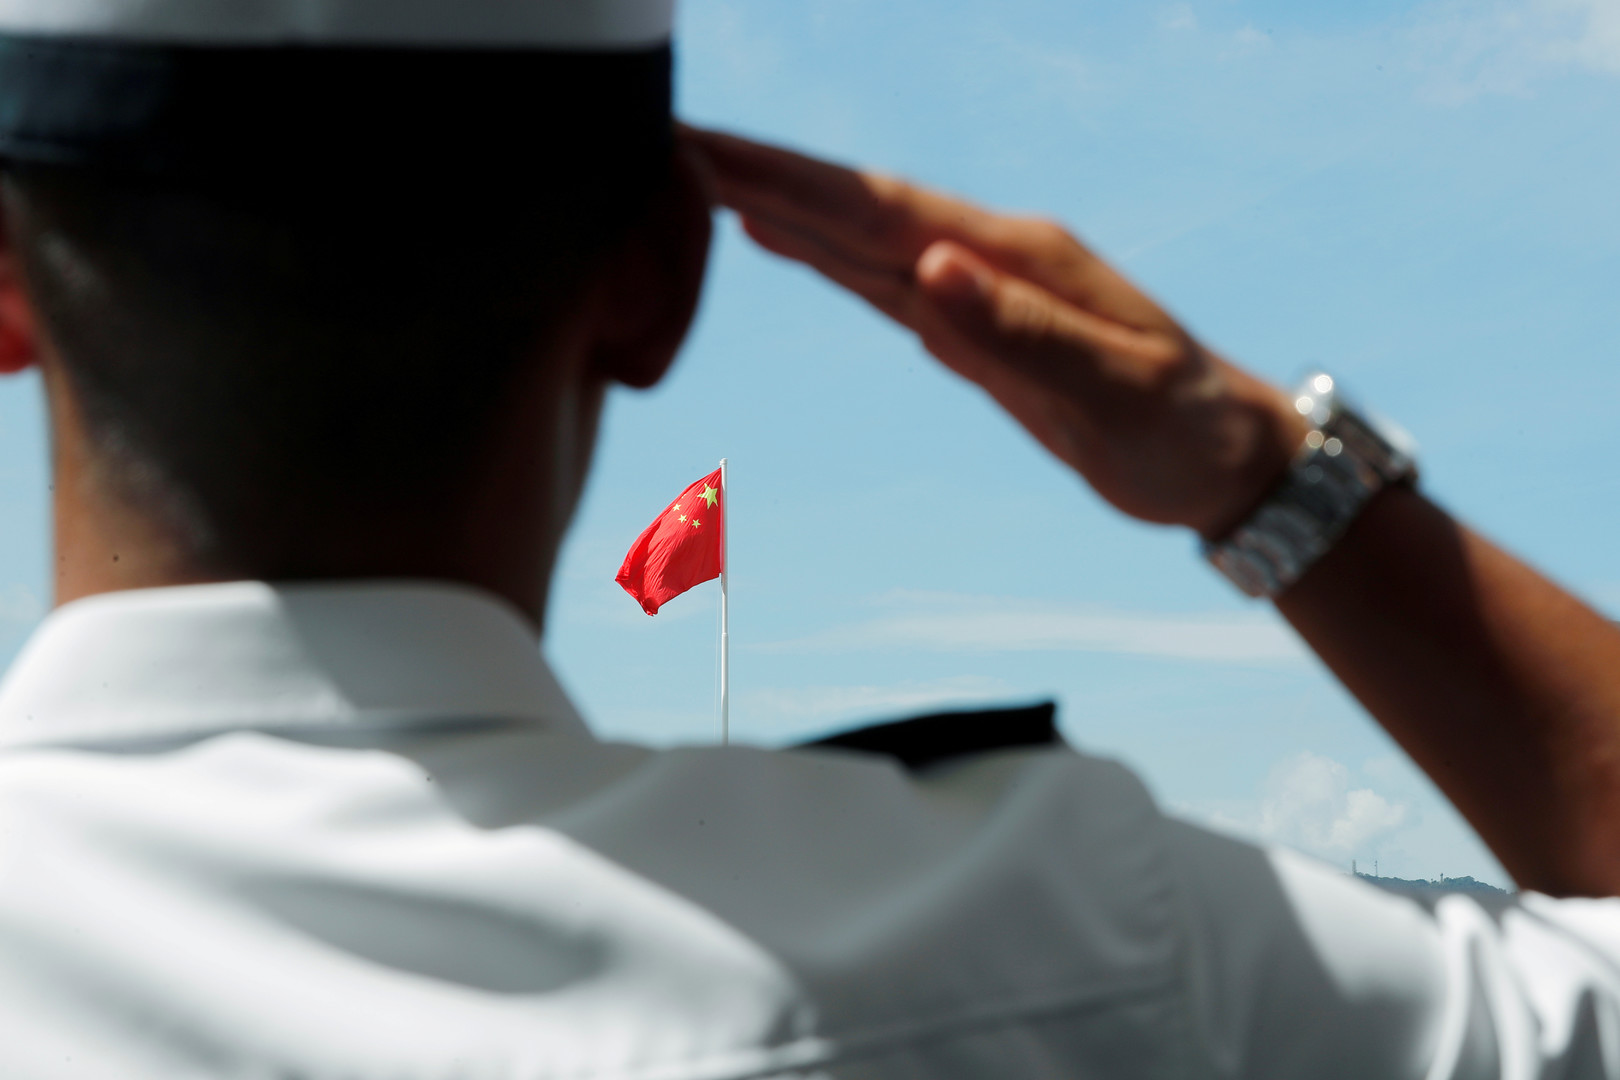 بكين تطالب واشنطن بالتراجع عن تسليح تايوان